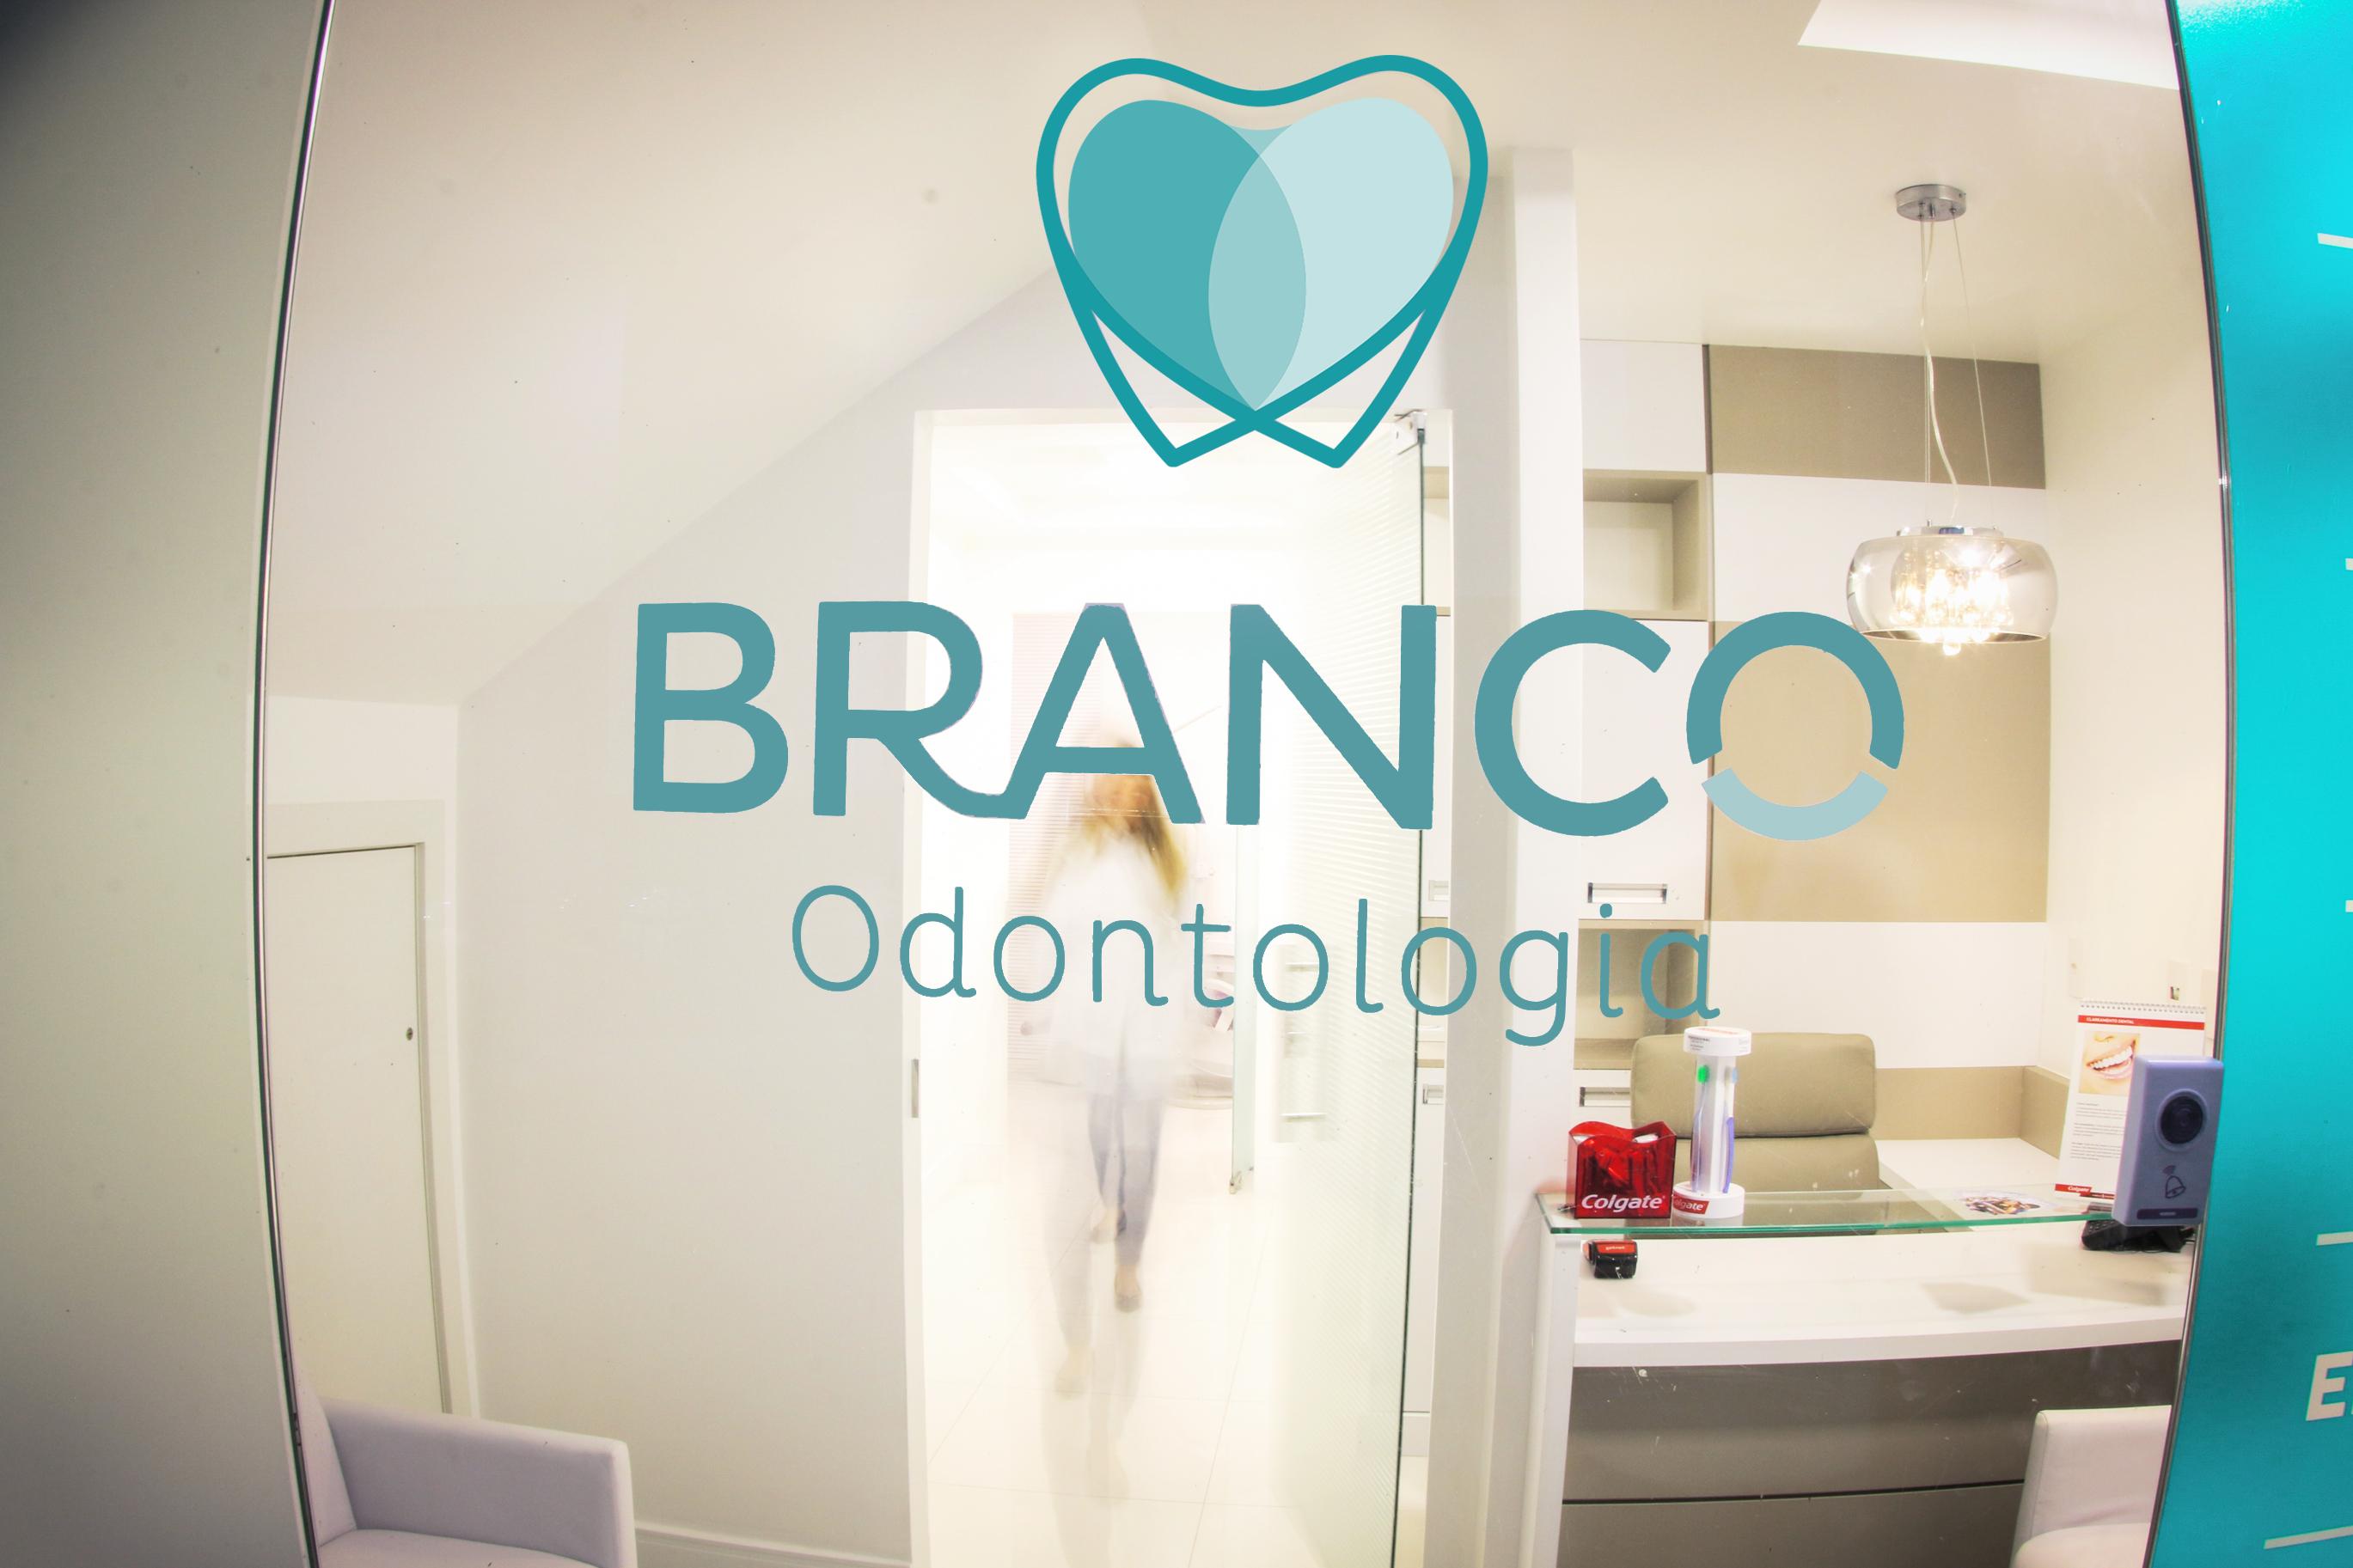 Branco Odontologia